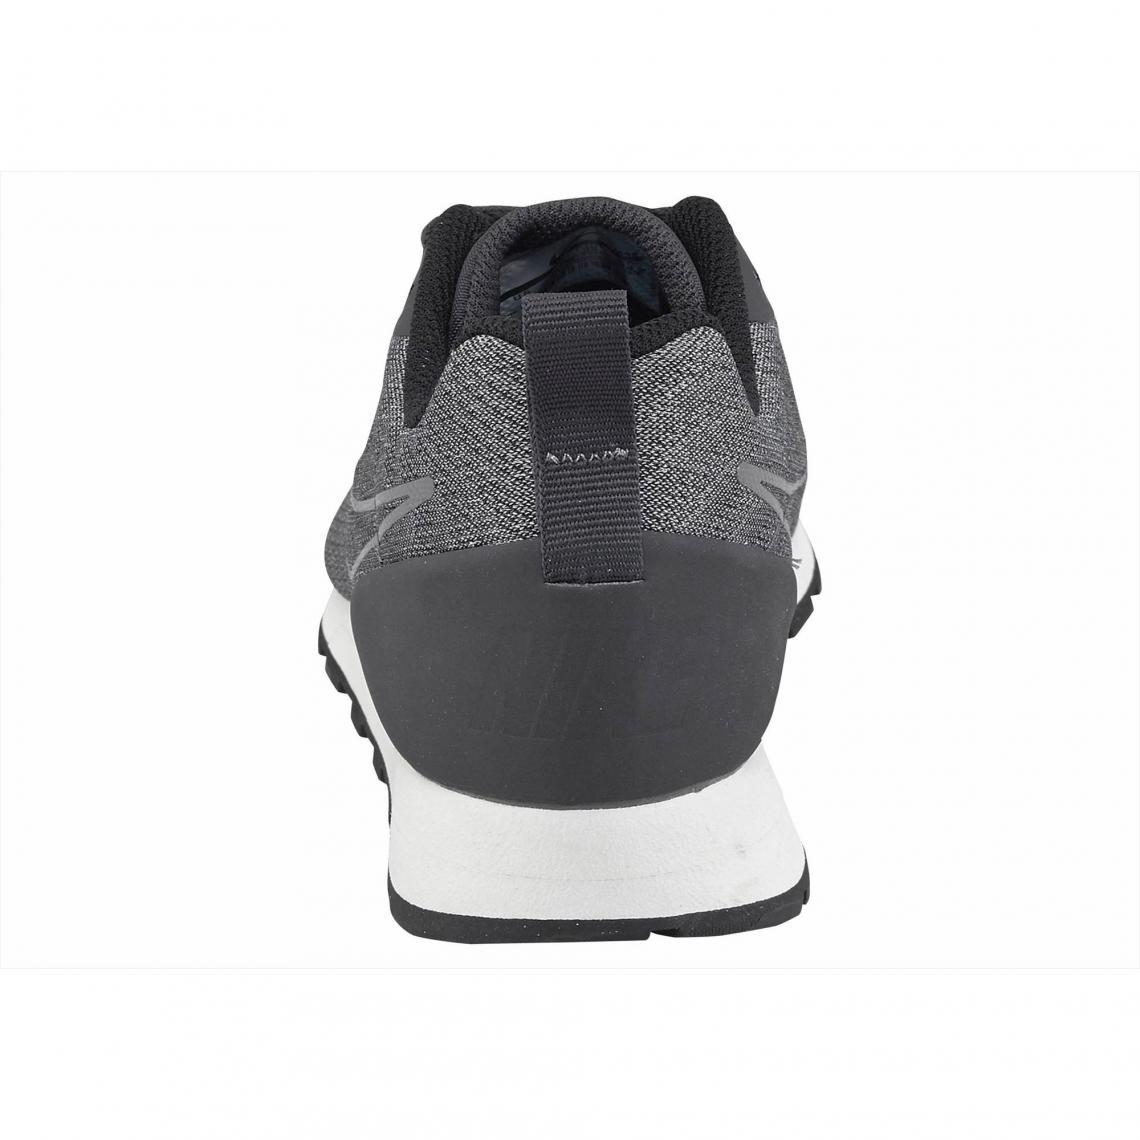 newest 5c9ca 9d912 Chaussures de running femme Nike MD Runner 2 - Gris Anthracite - Bleu Nike